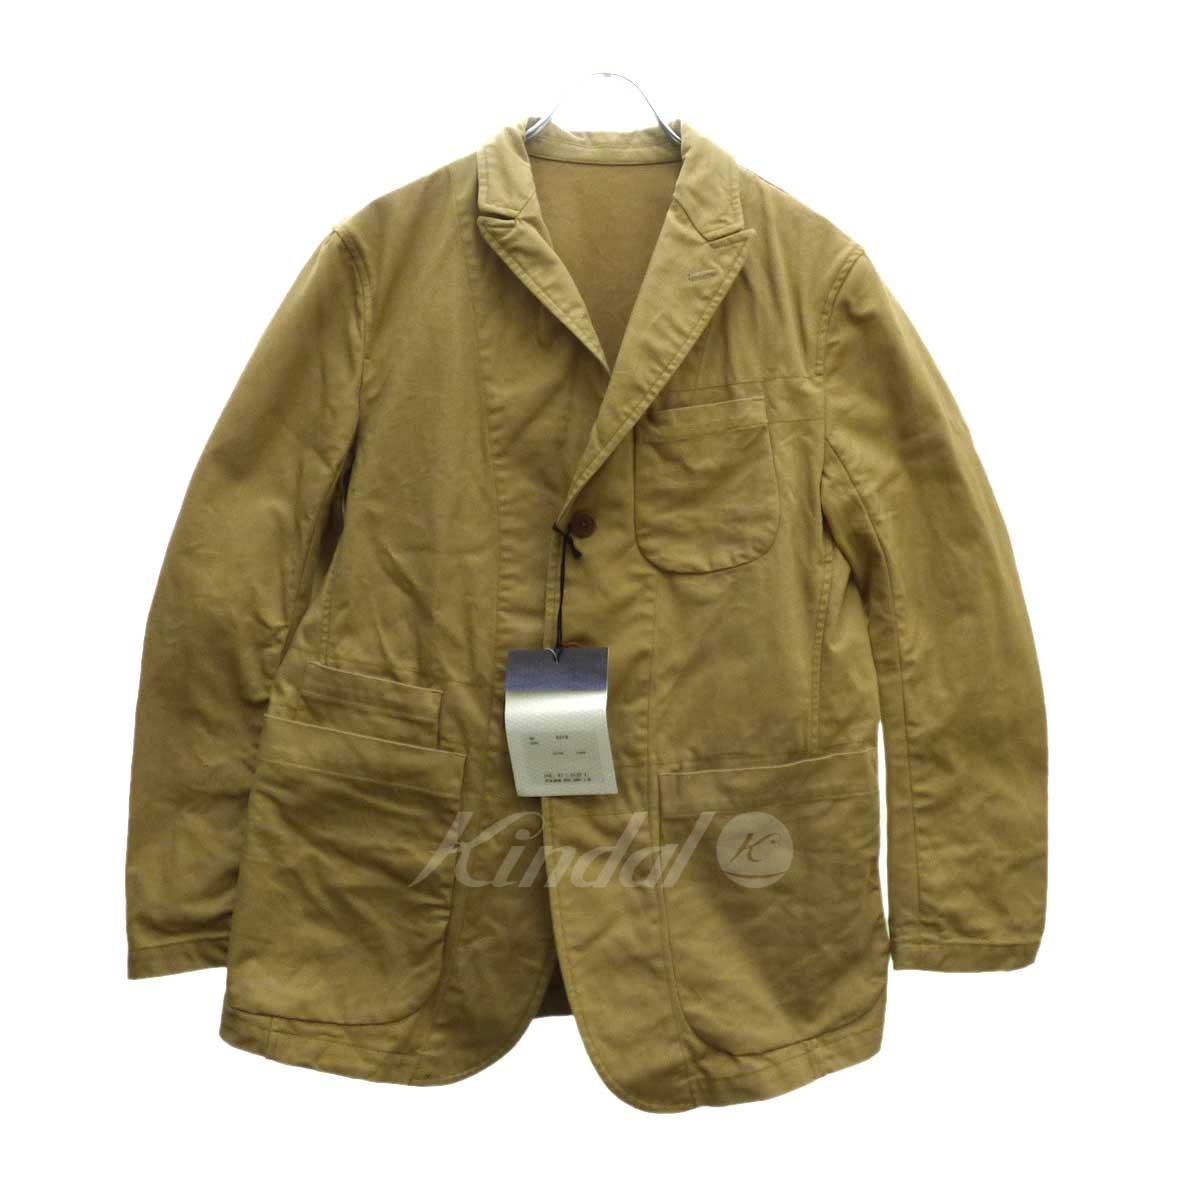 【中古】BRU NA BOINNE ローレグナイトジャケット ベージュ サイズ:2 【送料無料】 【090419】(ブルーナボイン)